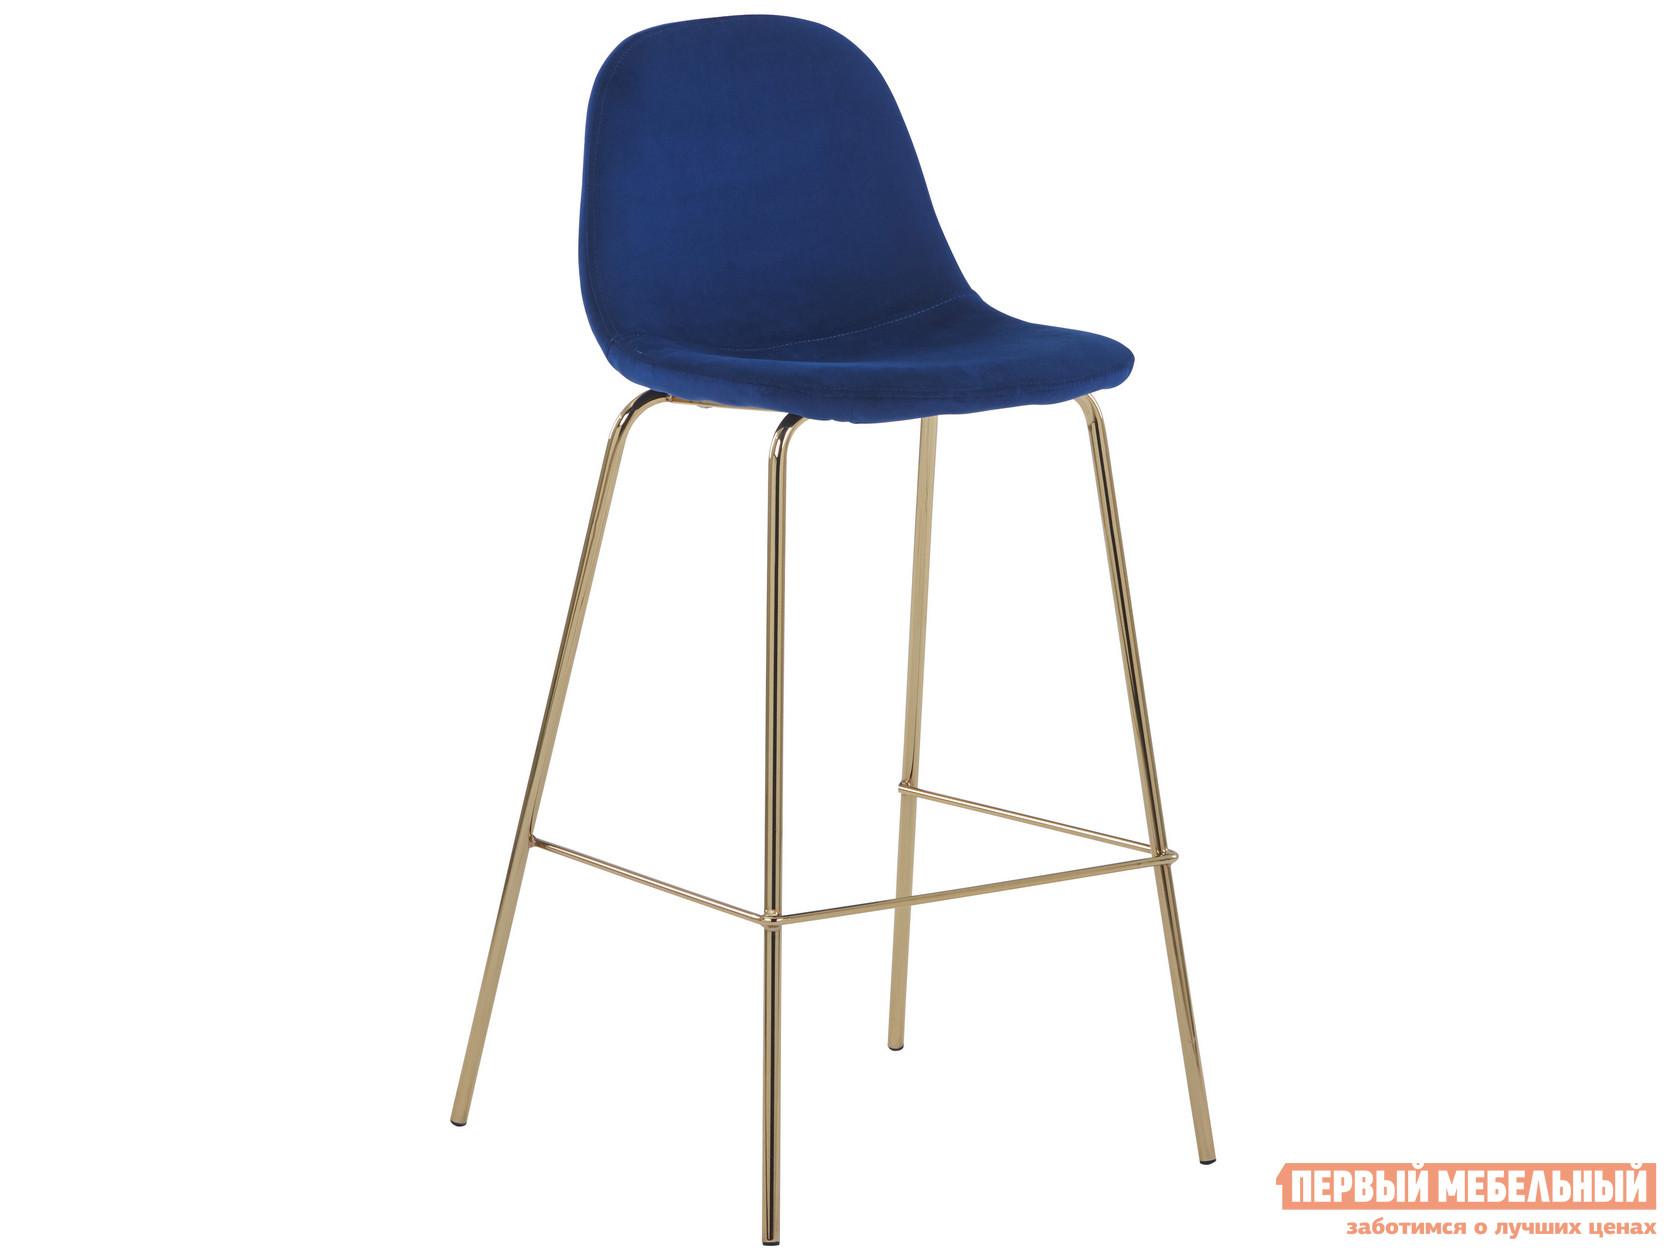 Барный стул Stool Group Стул барный Валенсия, золотые ножки барный стул stool group стул барный лион bc 99004